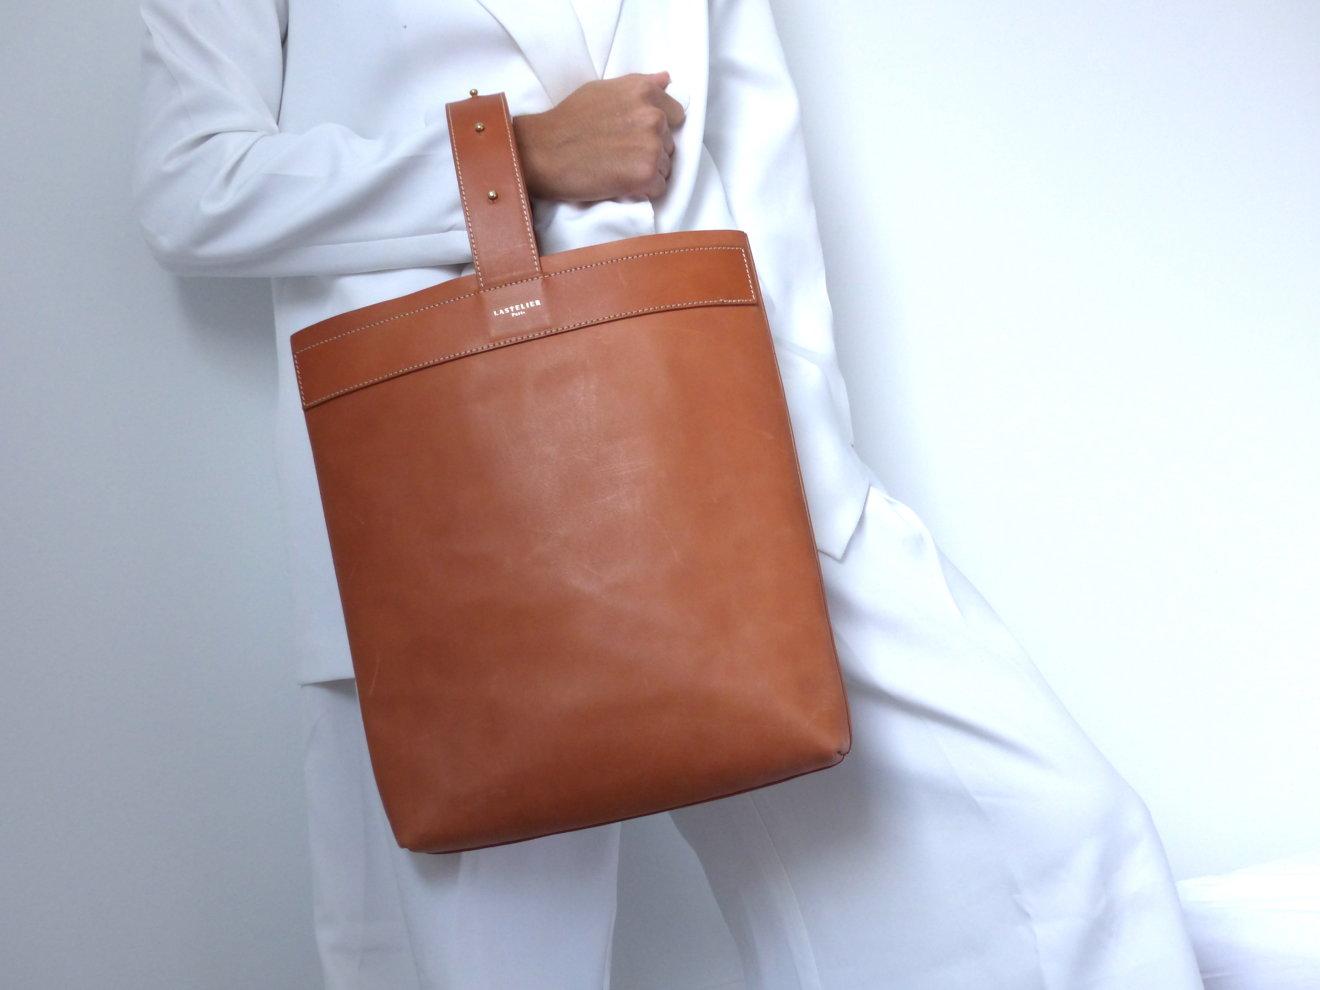 UBLA-131 SAC CUIR UBUD LASTELIER BAG Ubud bag - leather